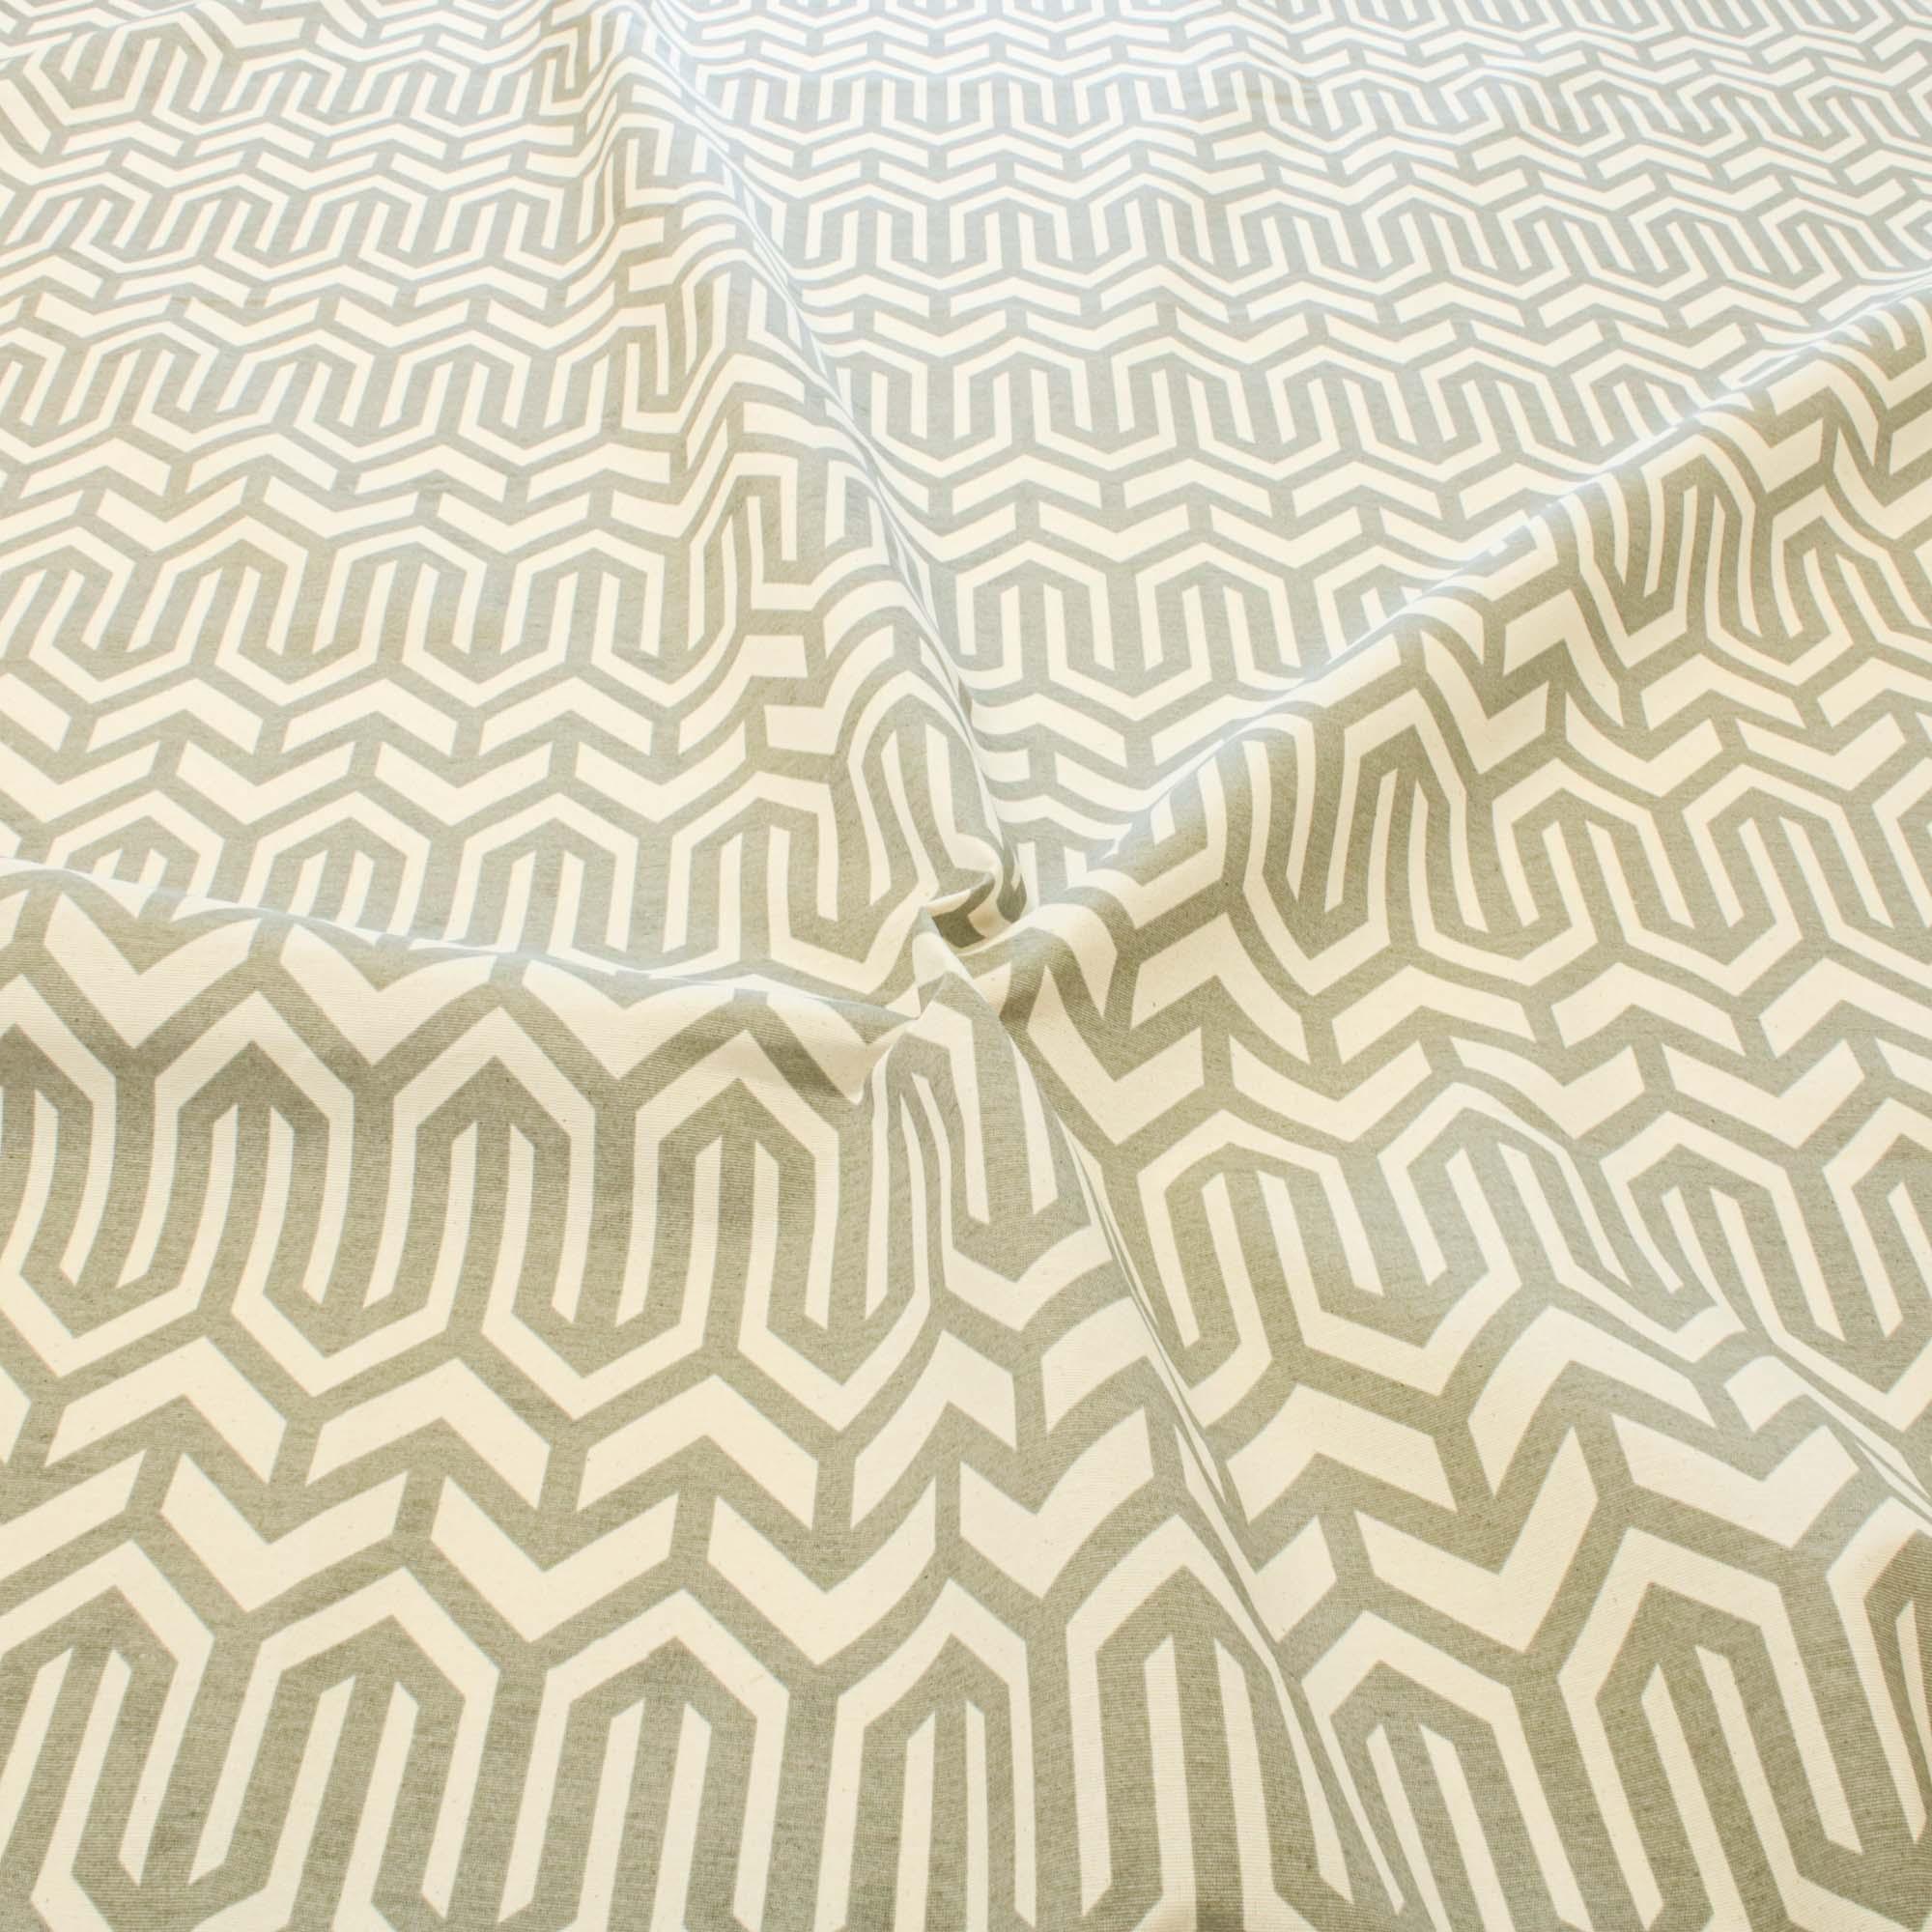 Tecido Decoração Estampado Geométrico 1,42 Mt Largura Cinza